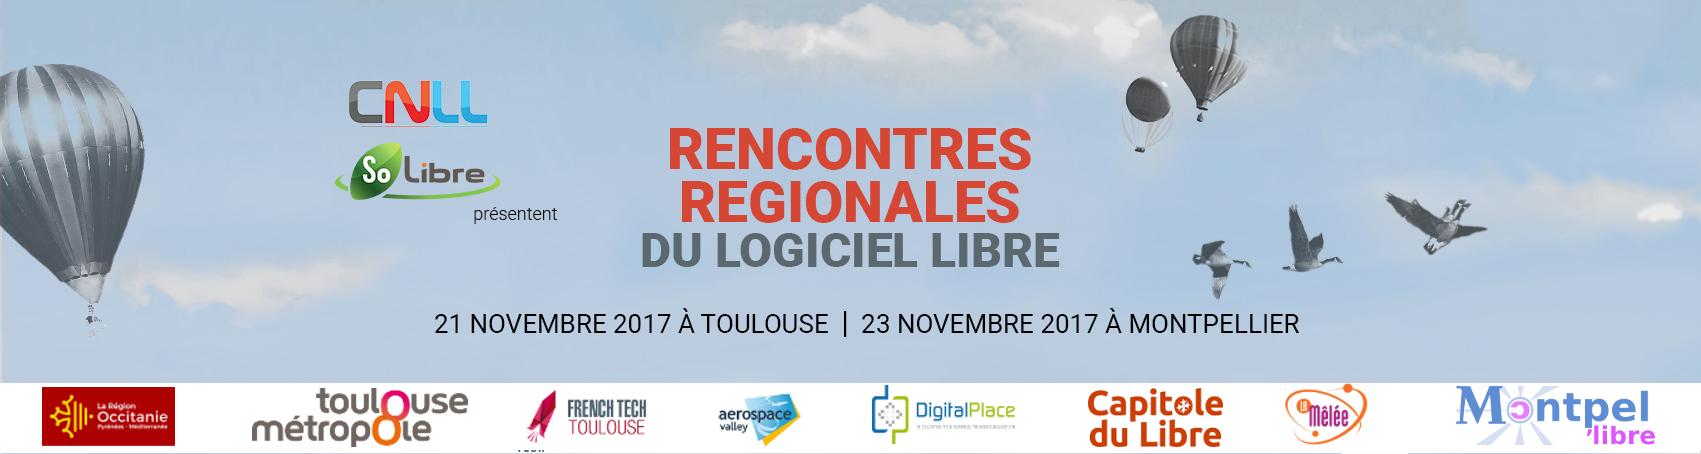 Centreon aux RRLL, Rencontres Régionales du Logiciel Libre